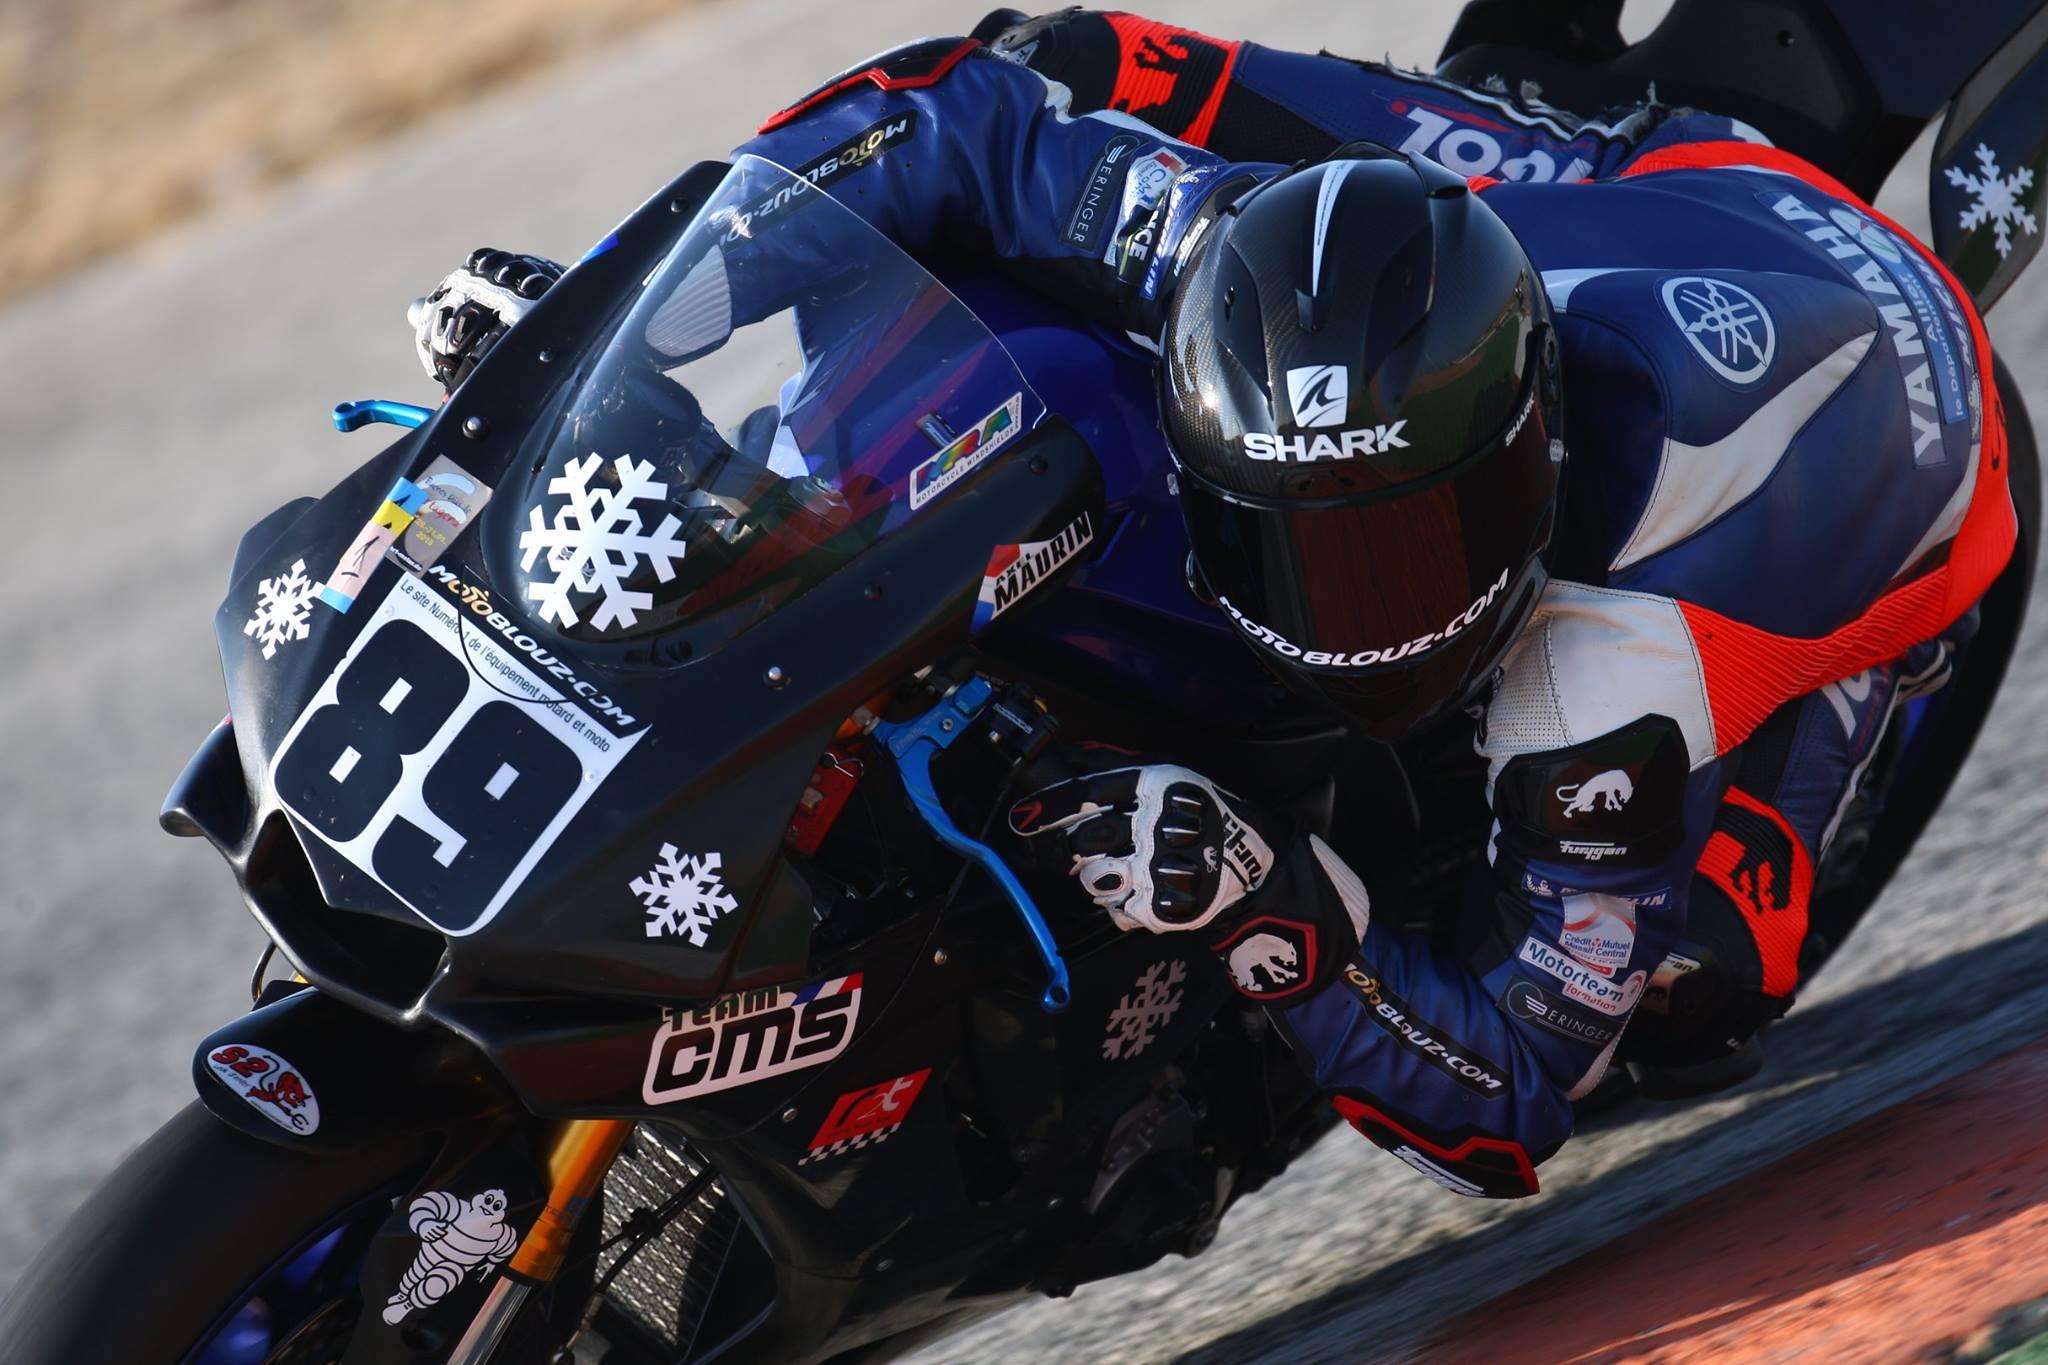 La moto et son pilote avant l'accident